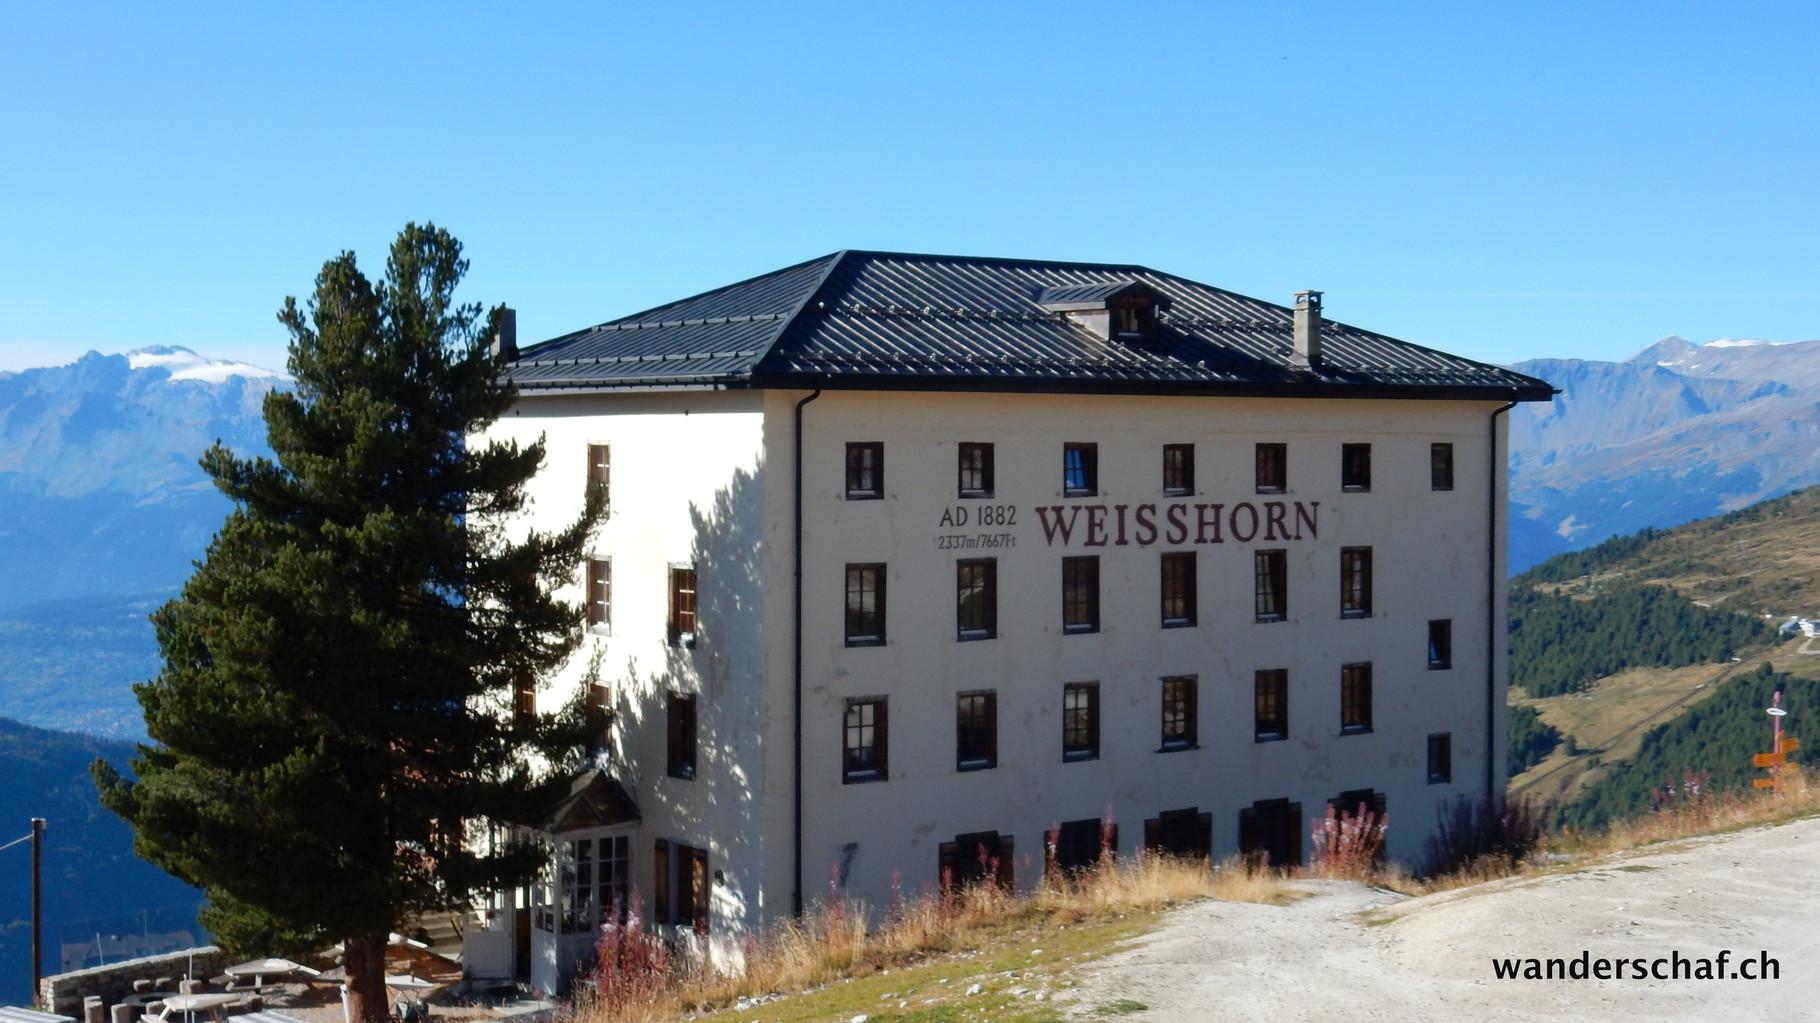 Ankunft beim Hotel Weisshorn